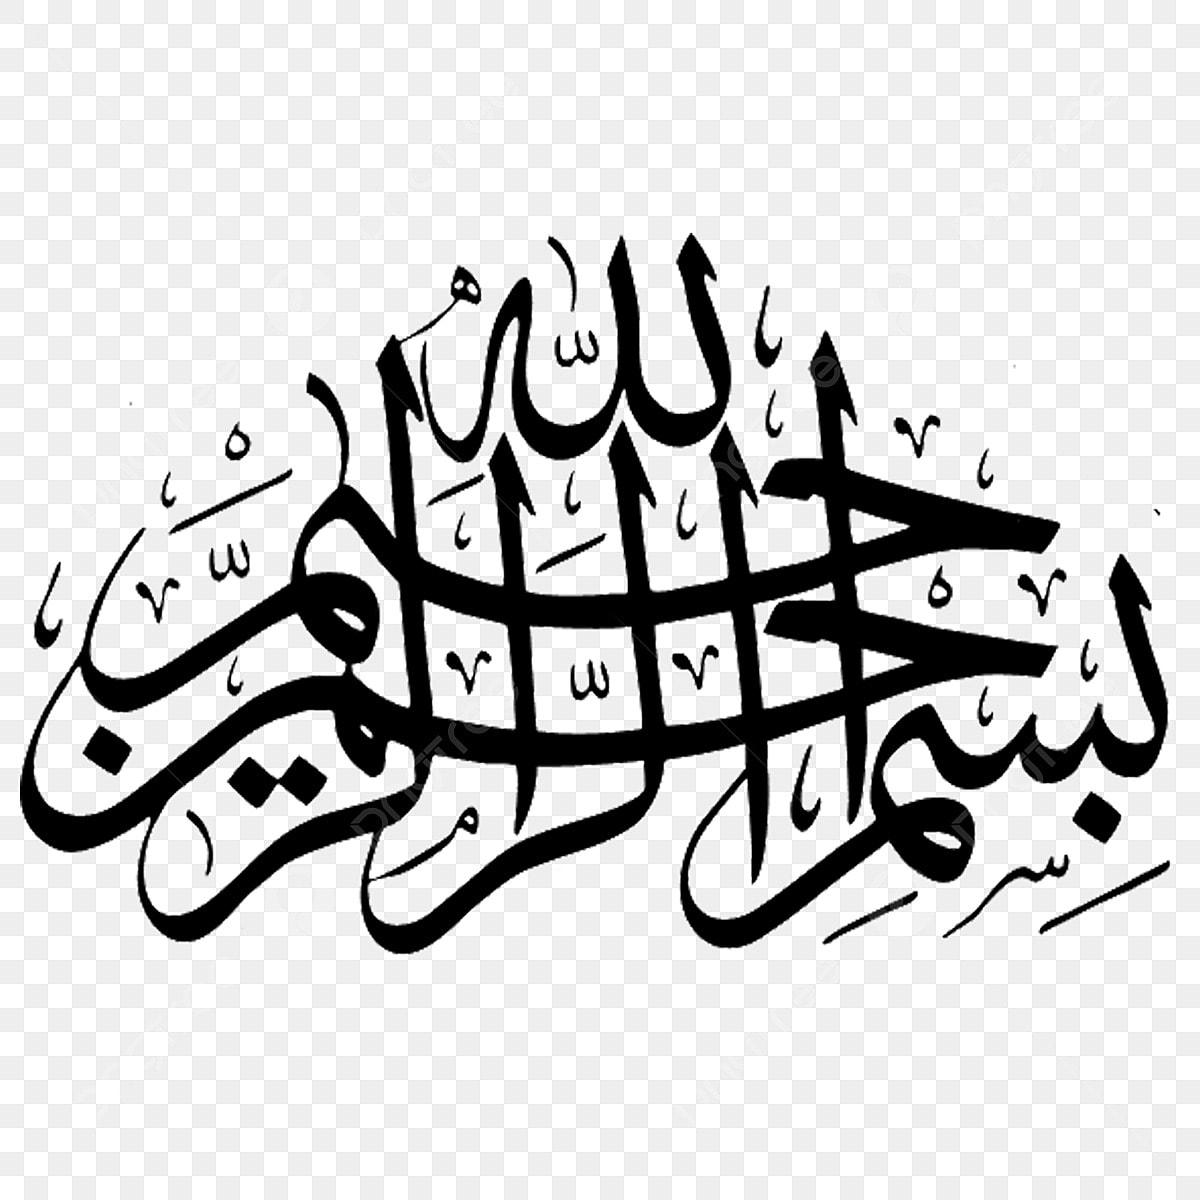 Slr Slr Allah Basmallah Fail Png Dan Psd Untuk Muat Turun